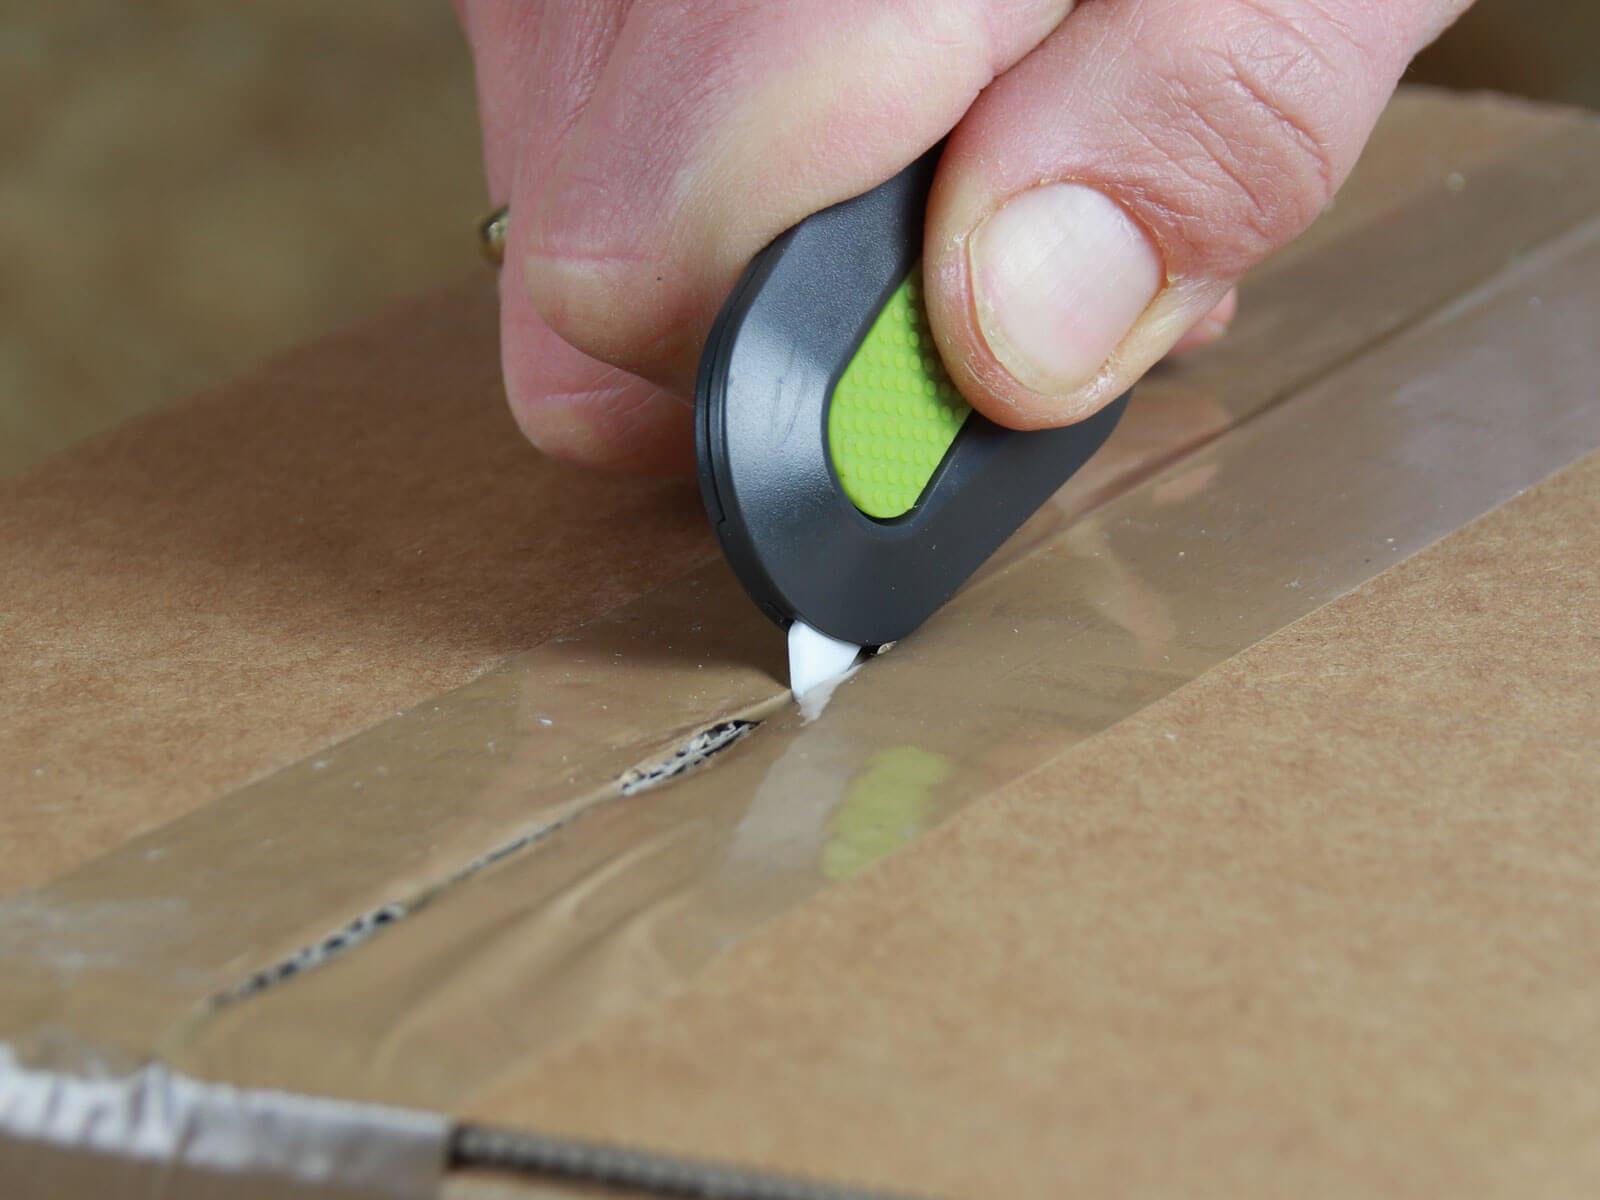 U007 Keramik Sicherheitsmesser automatischer Klingenrückzug mini Klebeband schneiden CURT-tools